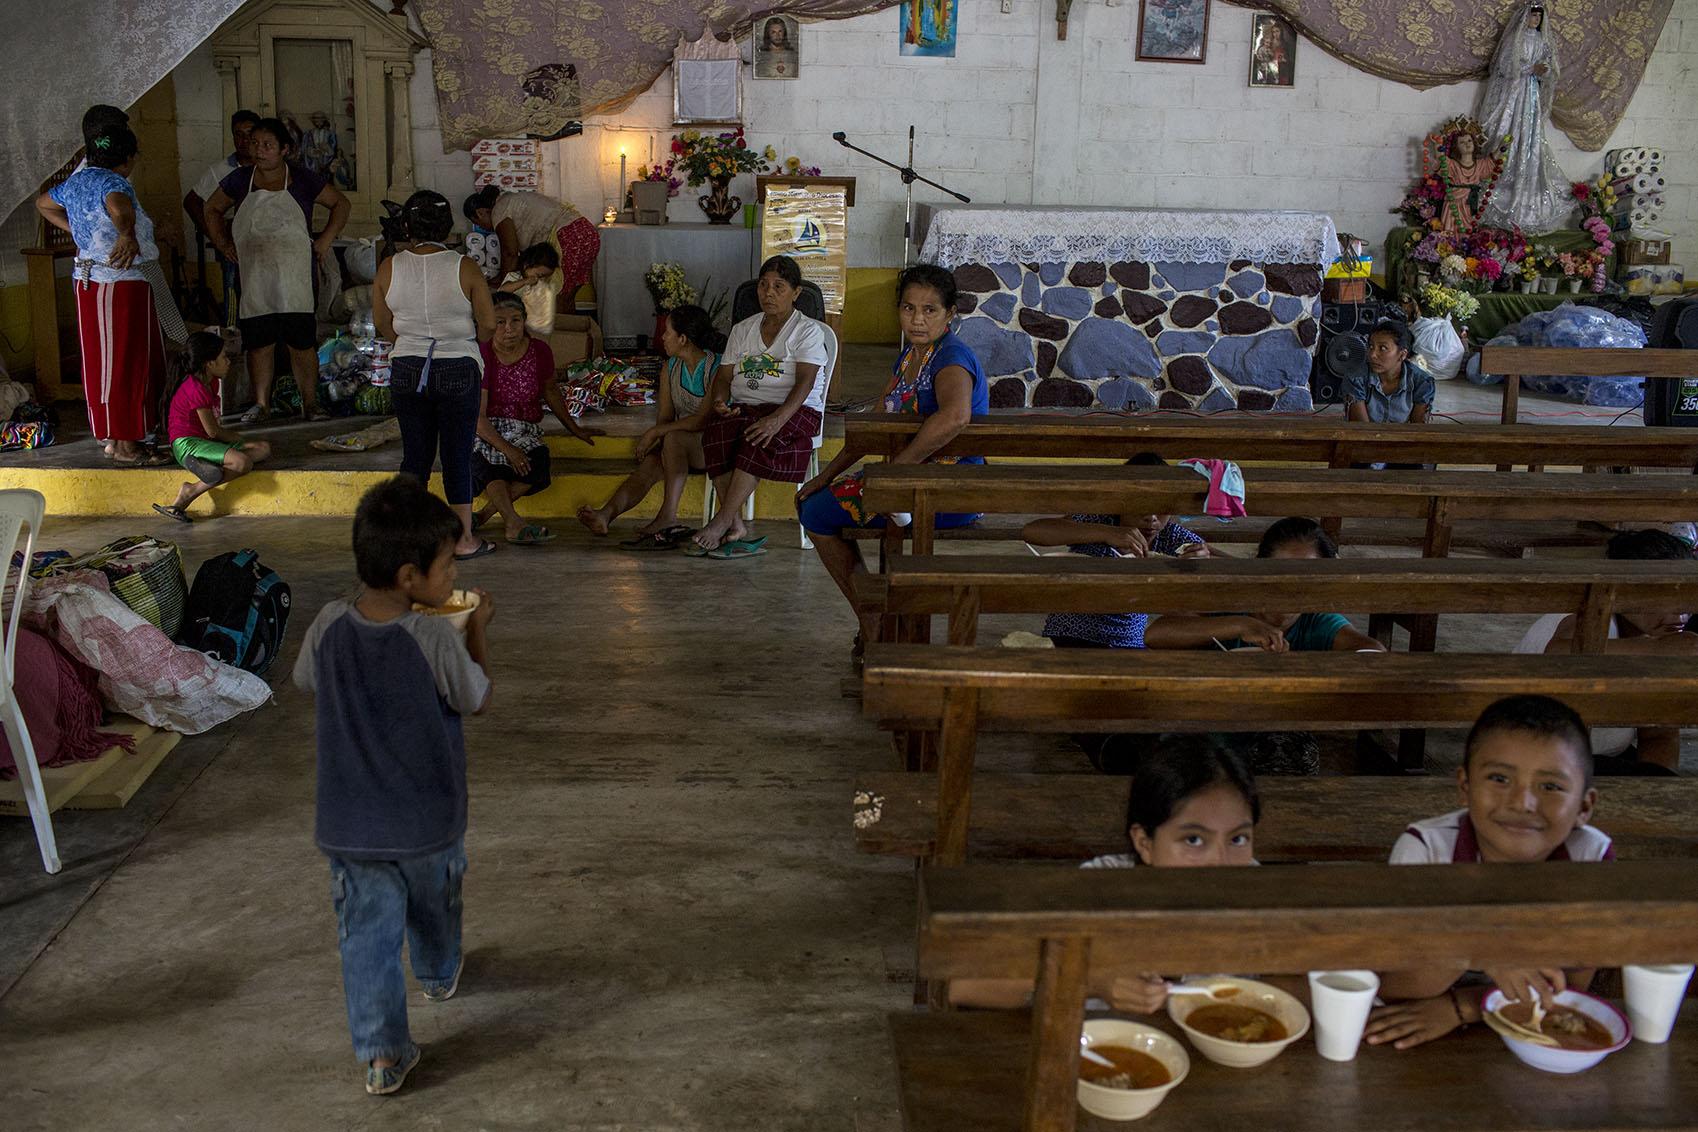 Unas familias almuerzan en la iglesia de la comunidad.